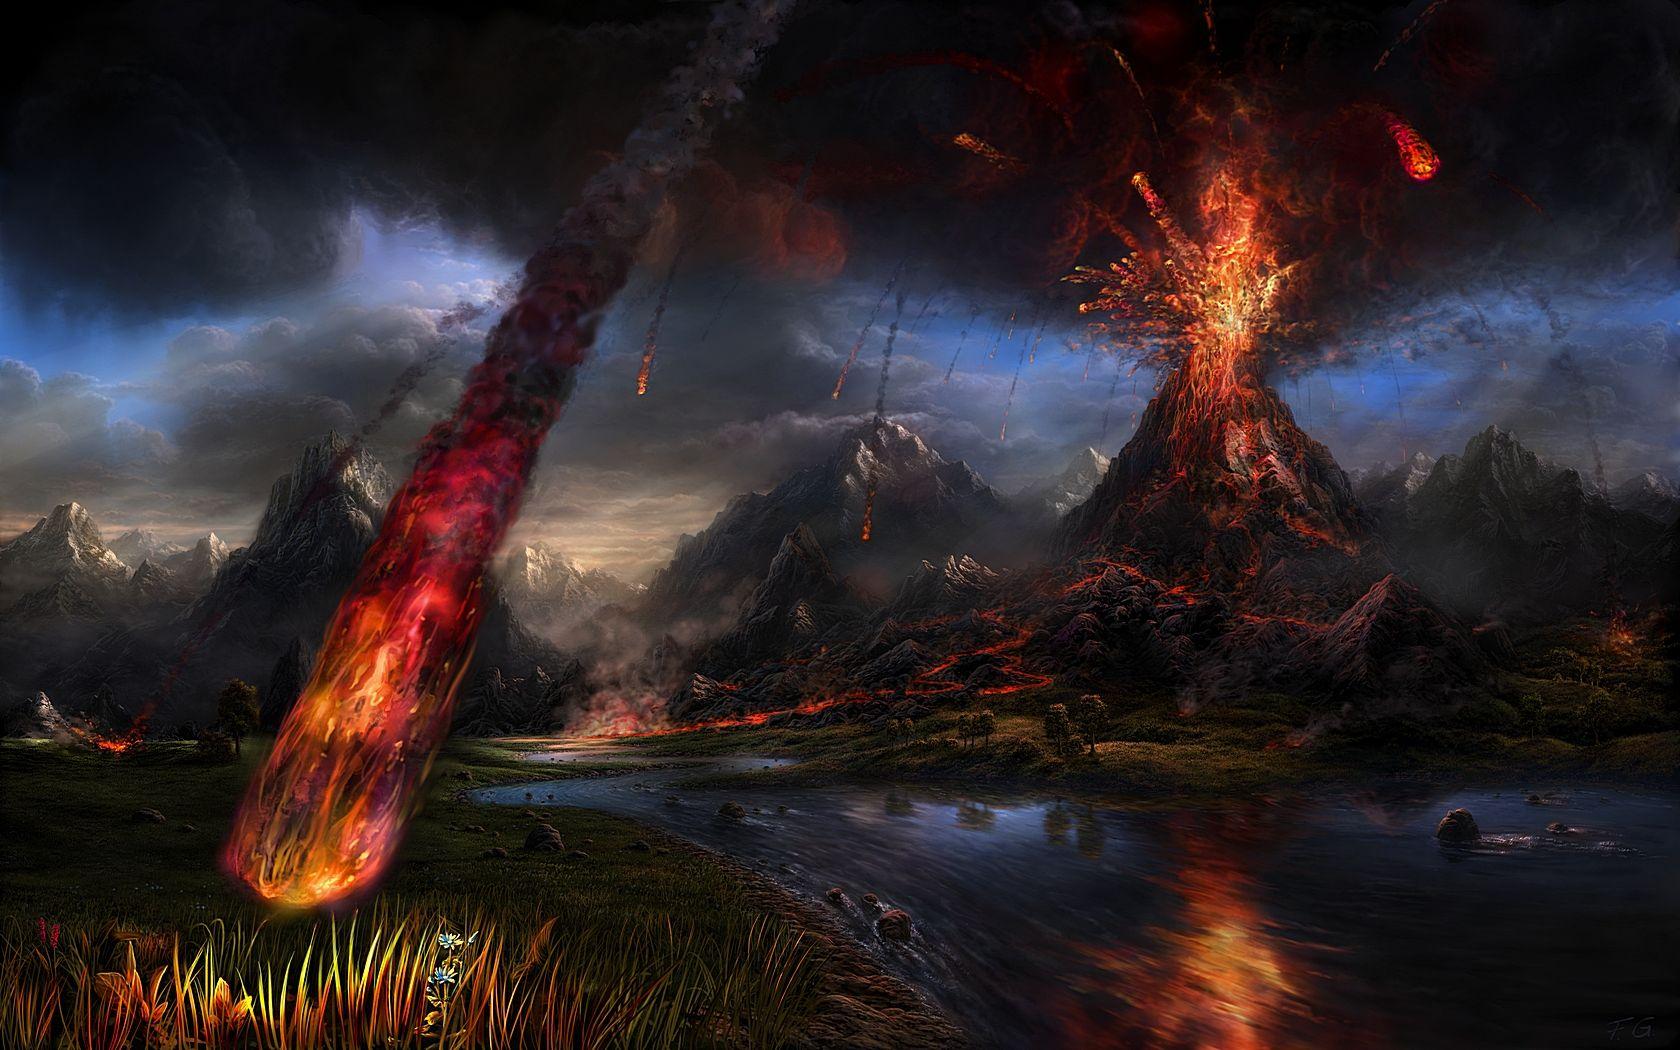 eruption by Fel X on deviantART Volcano wallpaper Fantasy 1680x1050